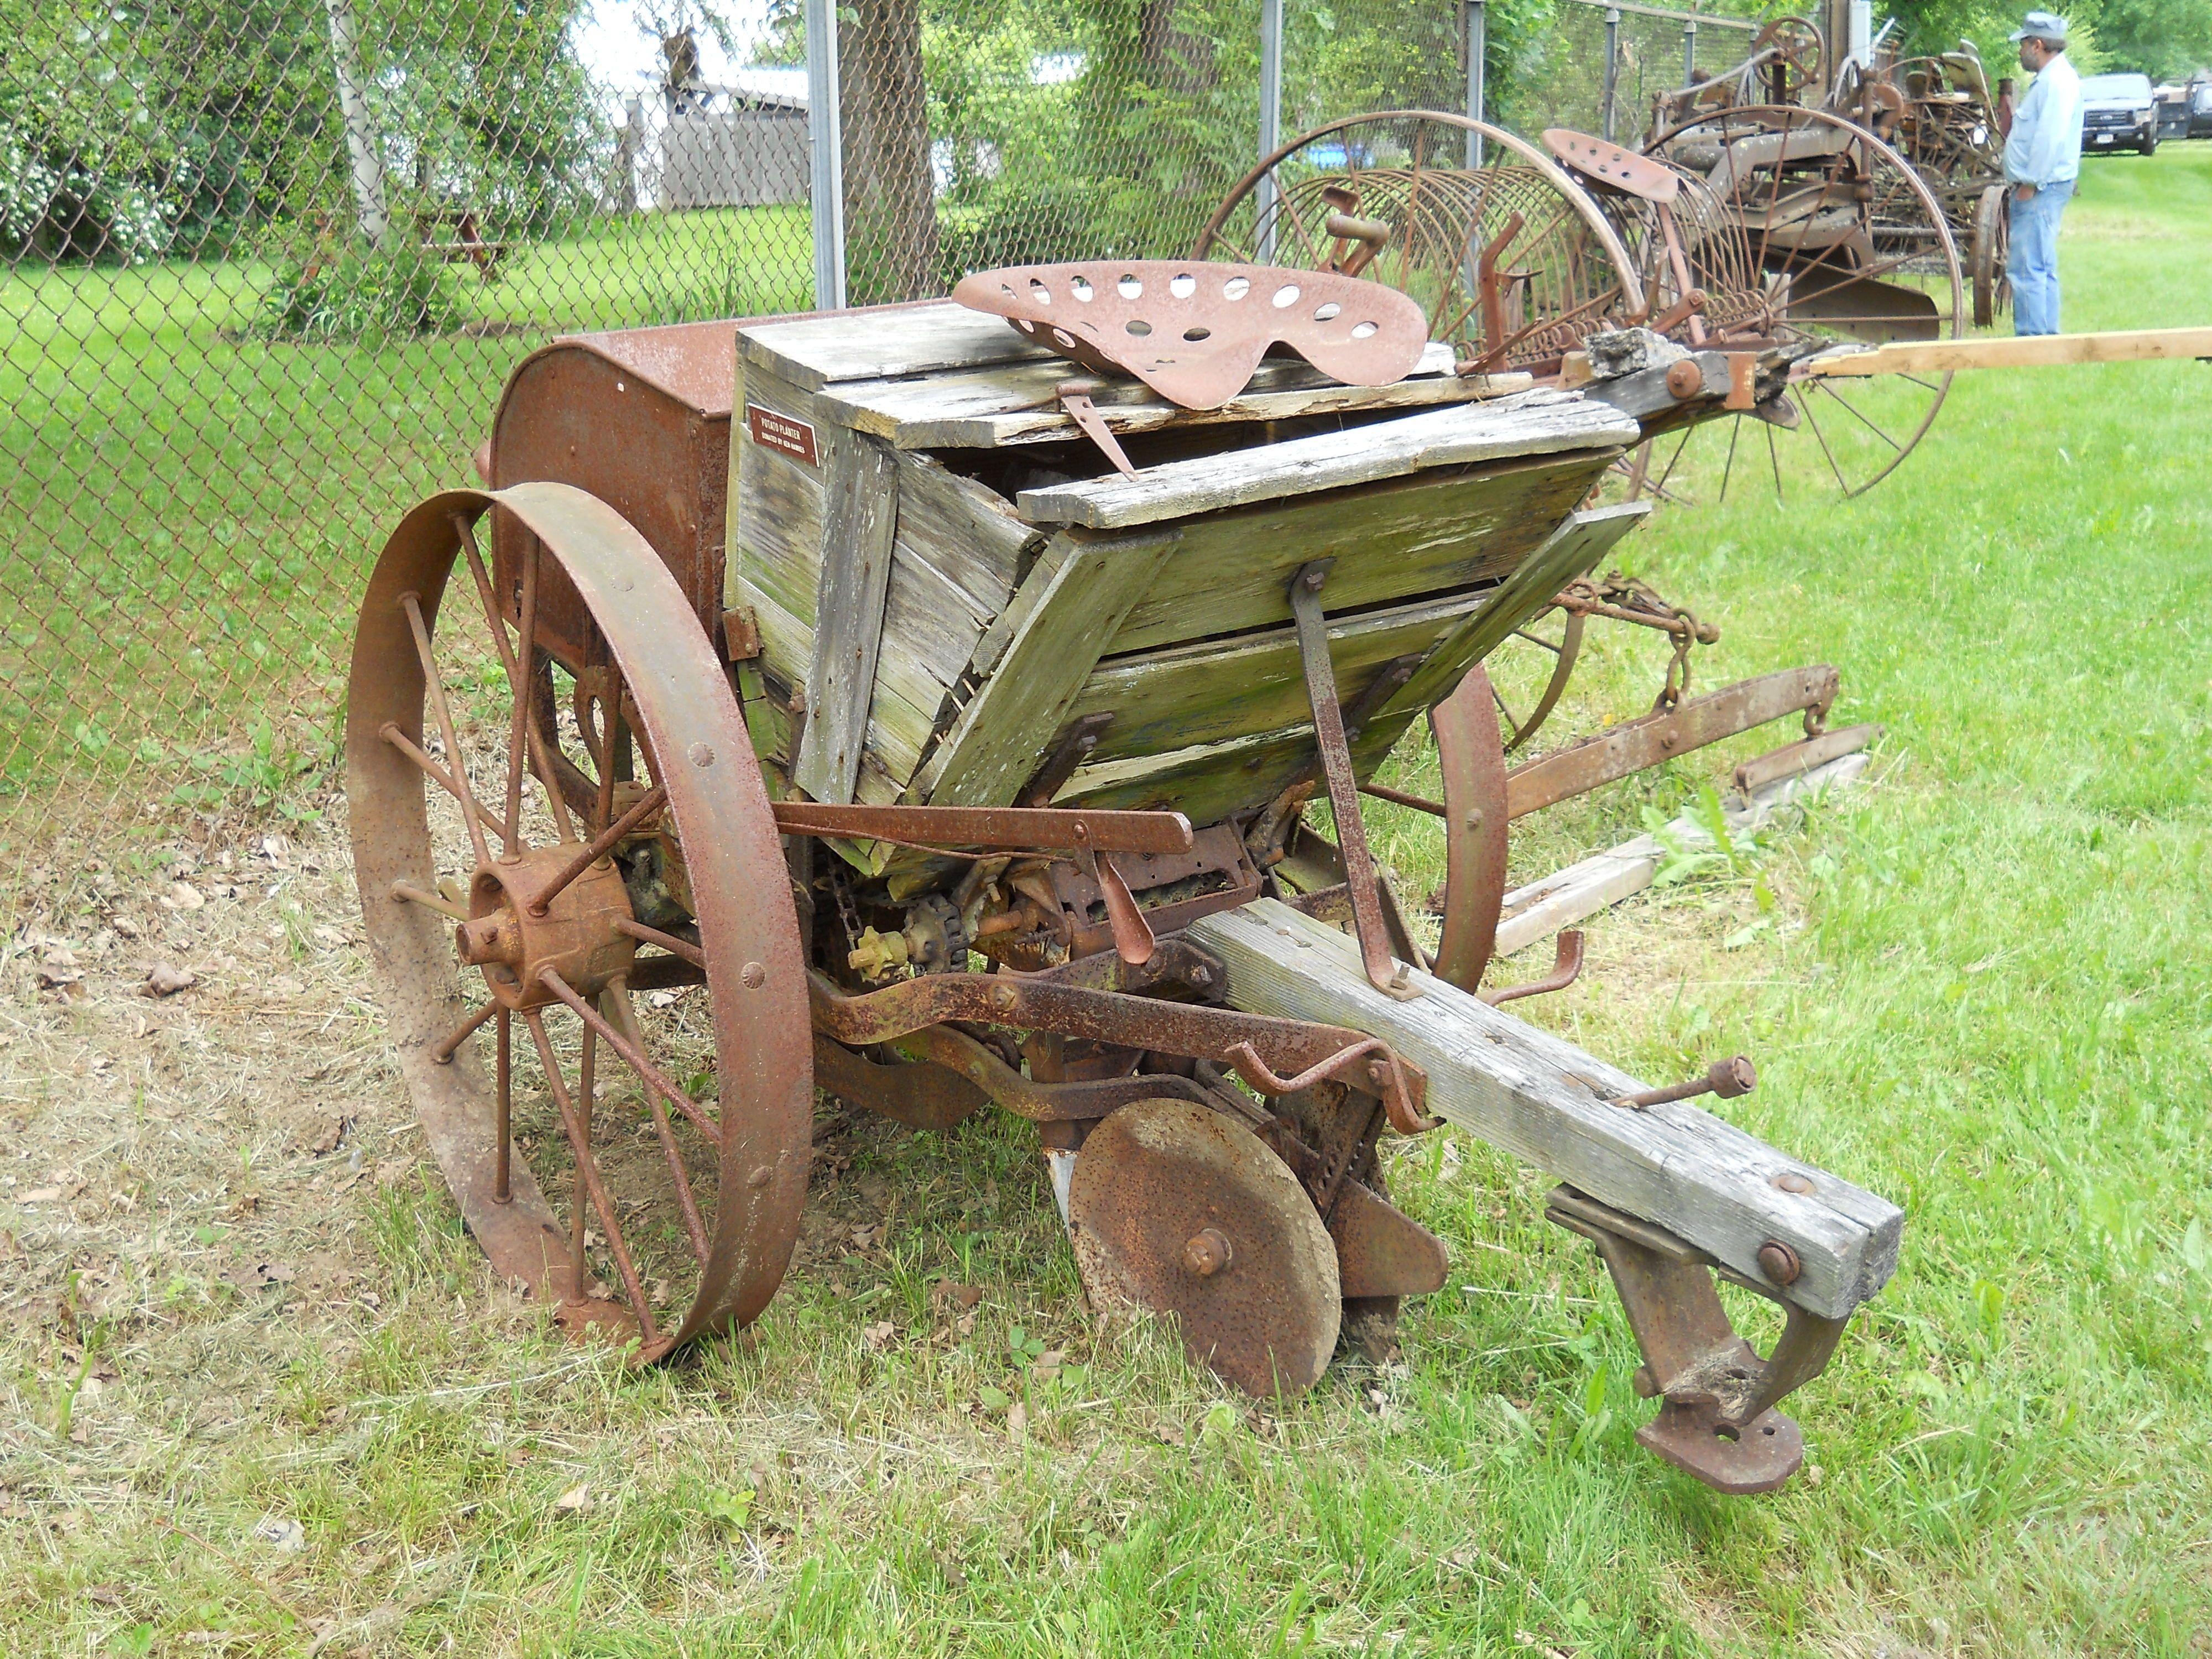 pingl par guy combes 1 sur tracteur machine agricole motoculteur motobineuse. Black Bedroom Furniture Sets. Home Design Ideas